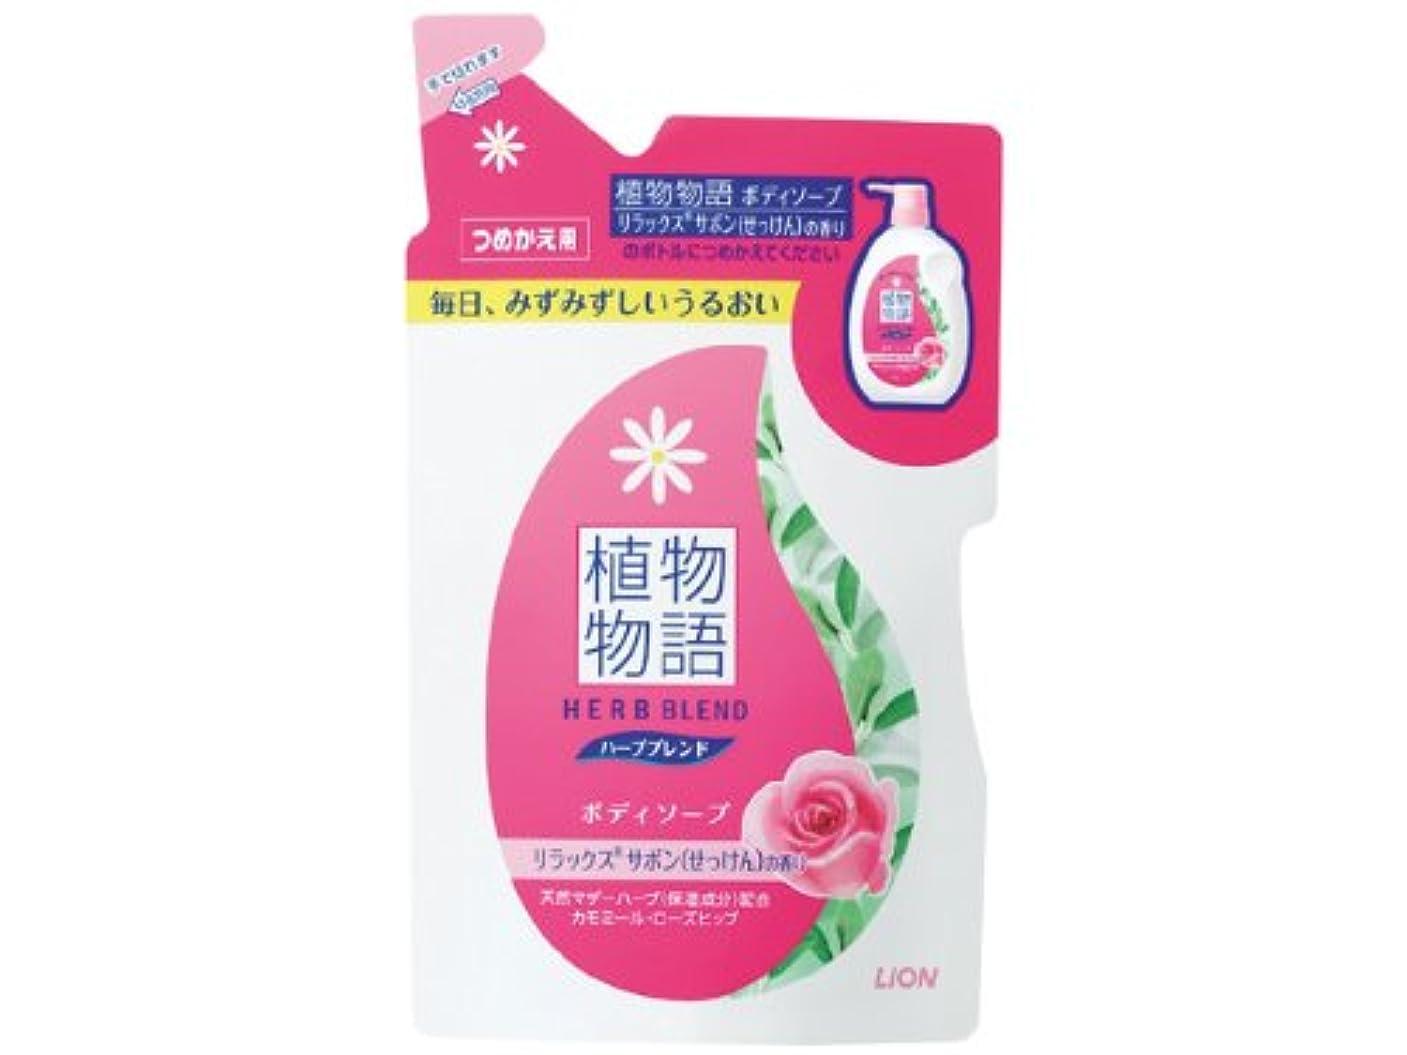 確立しますナット賞植物物語 ハーブブレンド ボディソープ リラックスサボン(せっけん)の香り つめかえ用 420mL